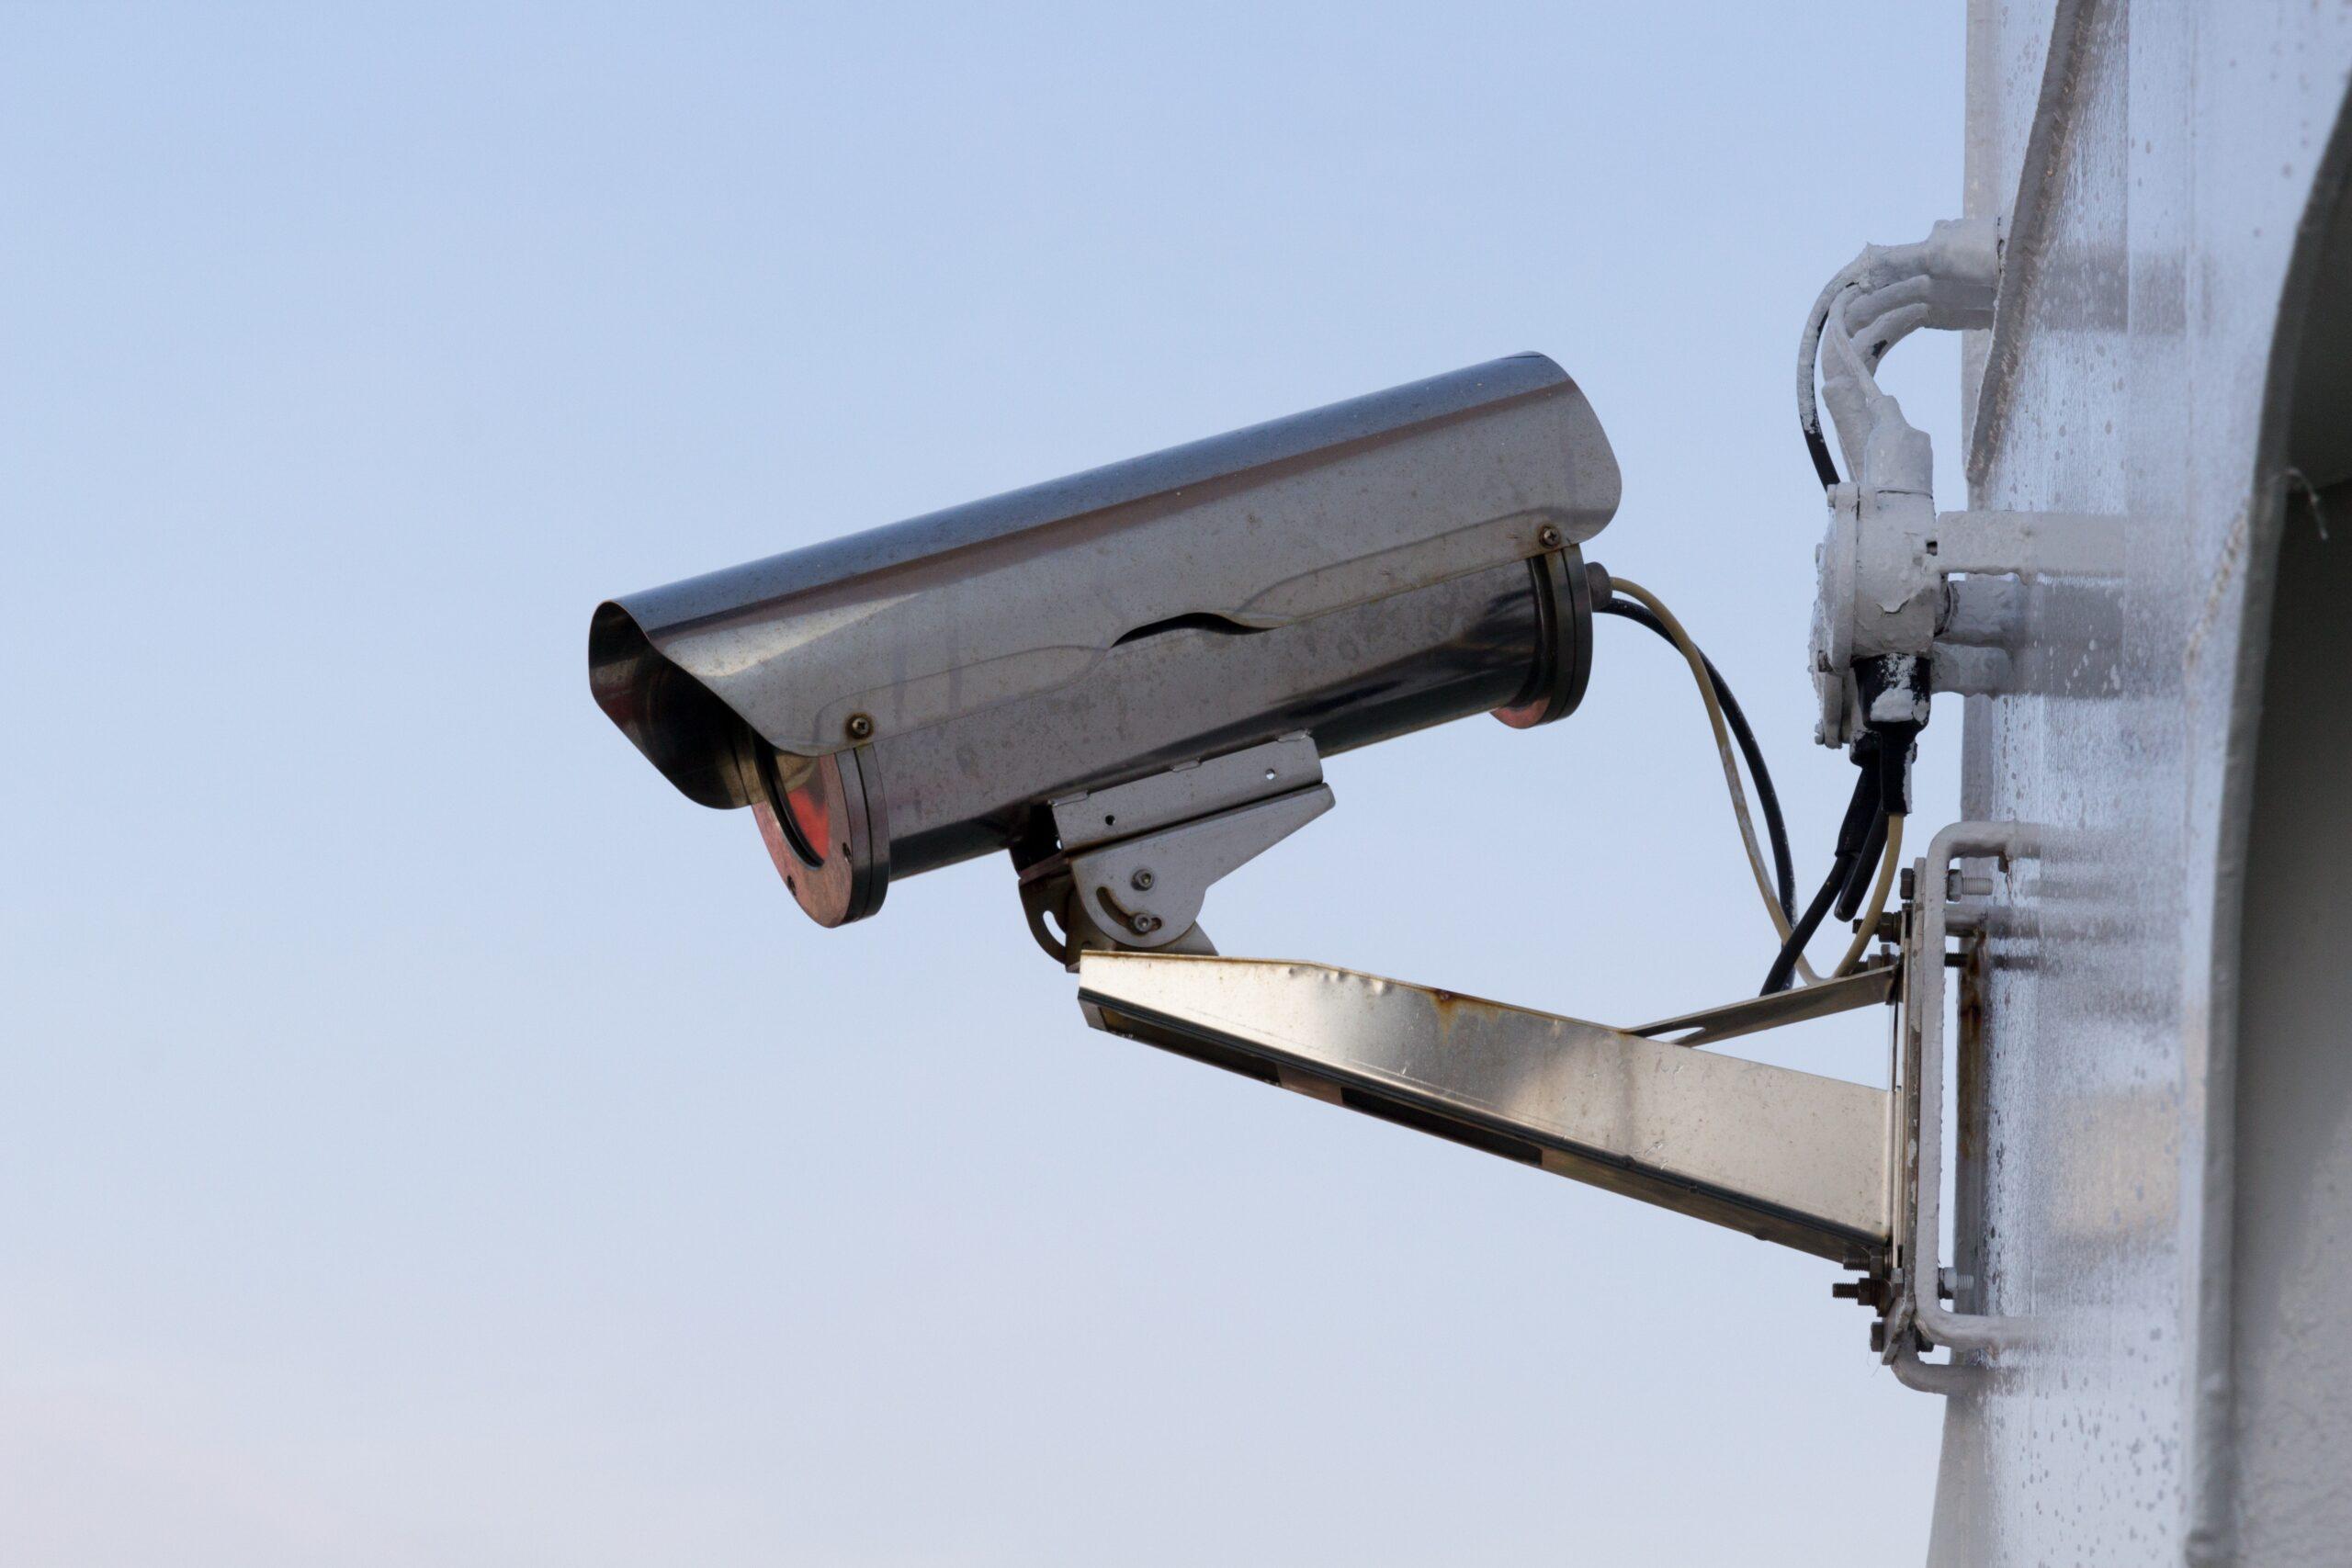 Posisi yang Benar dan Strategis untuk Memasang Kamera CCTV